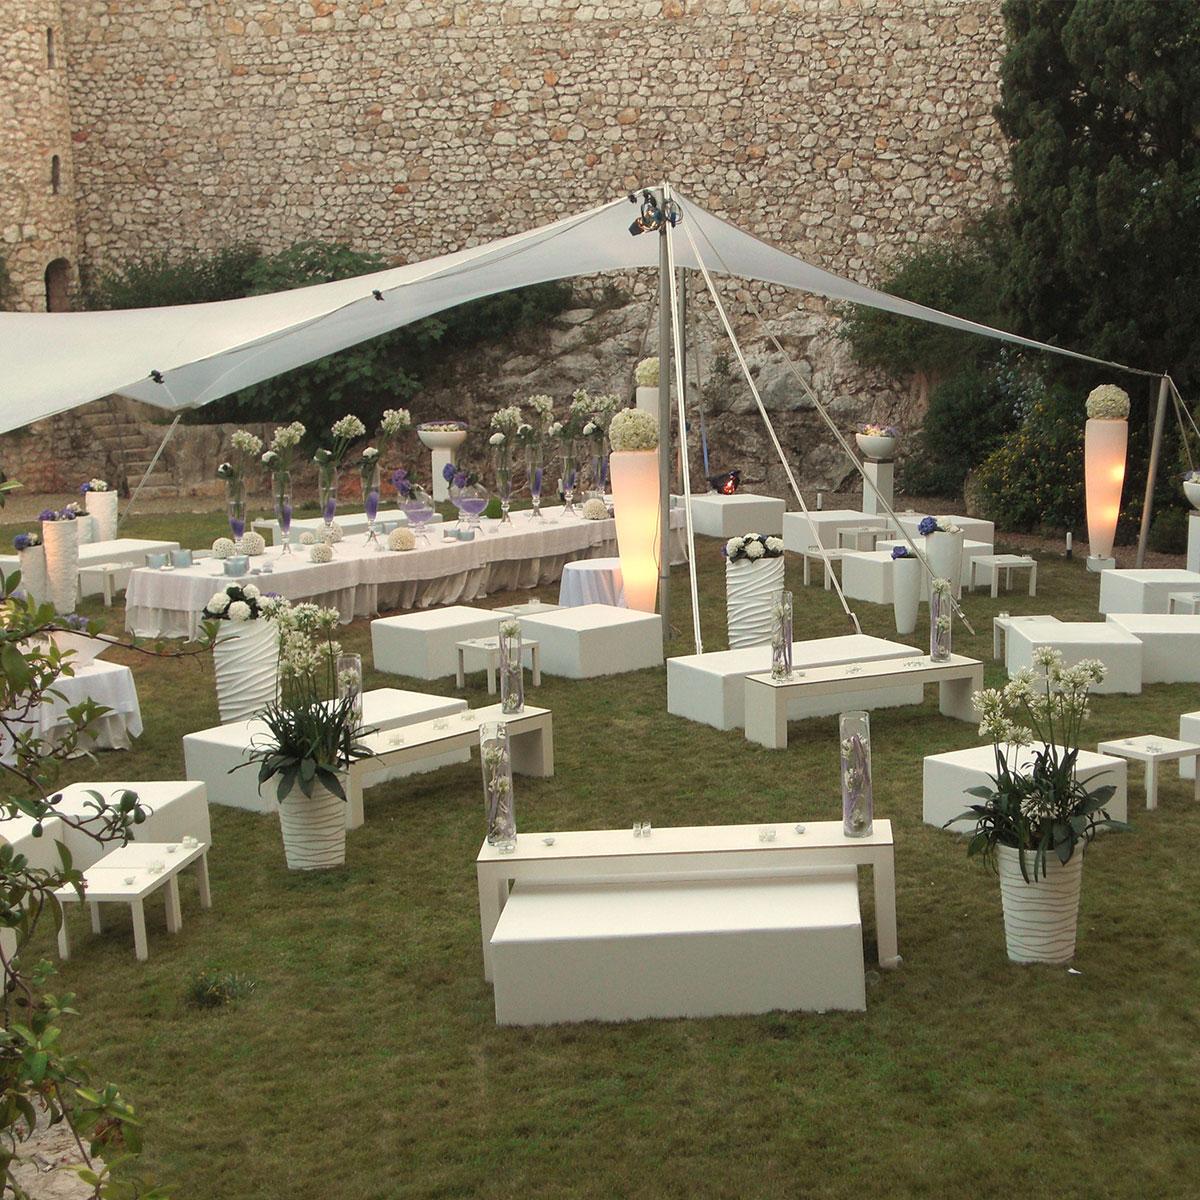 Eventi in giardino | Negriricevimenti.com